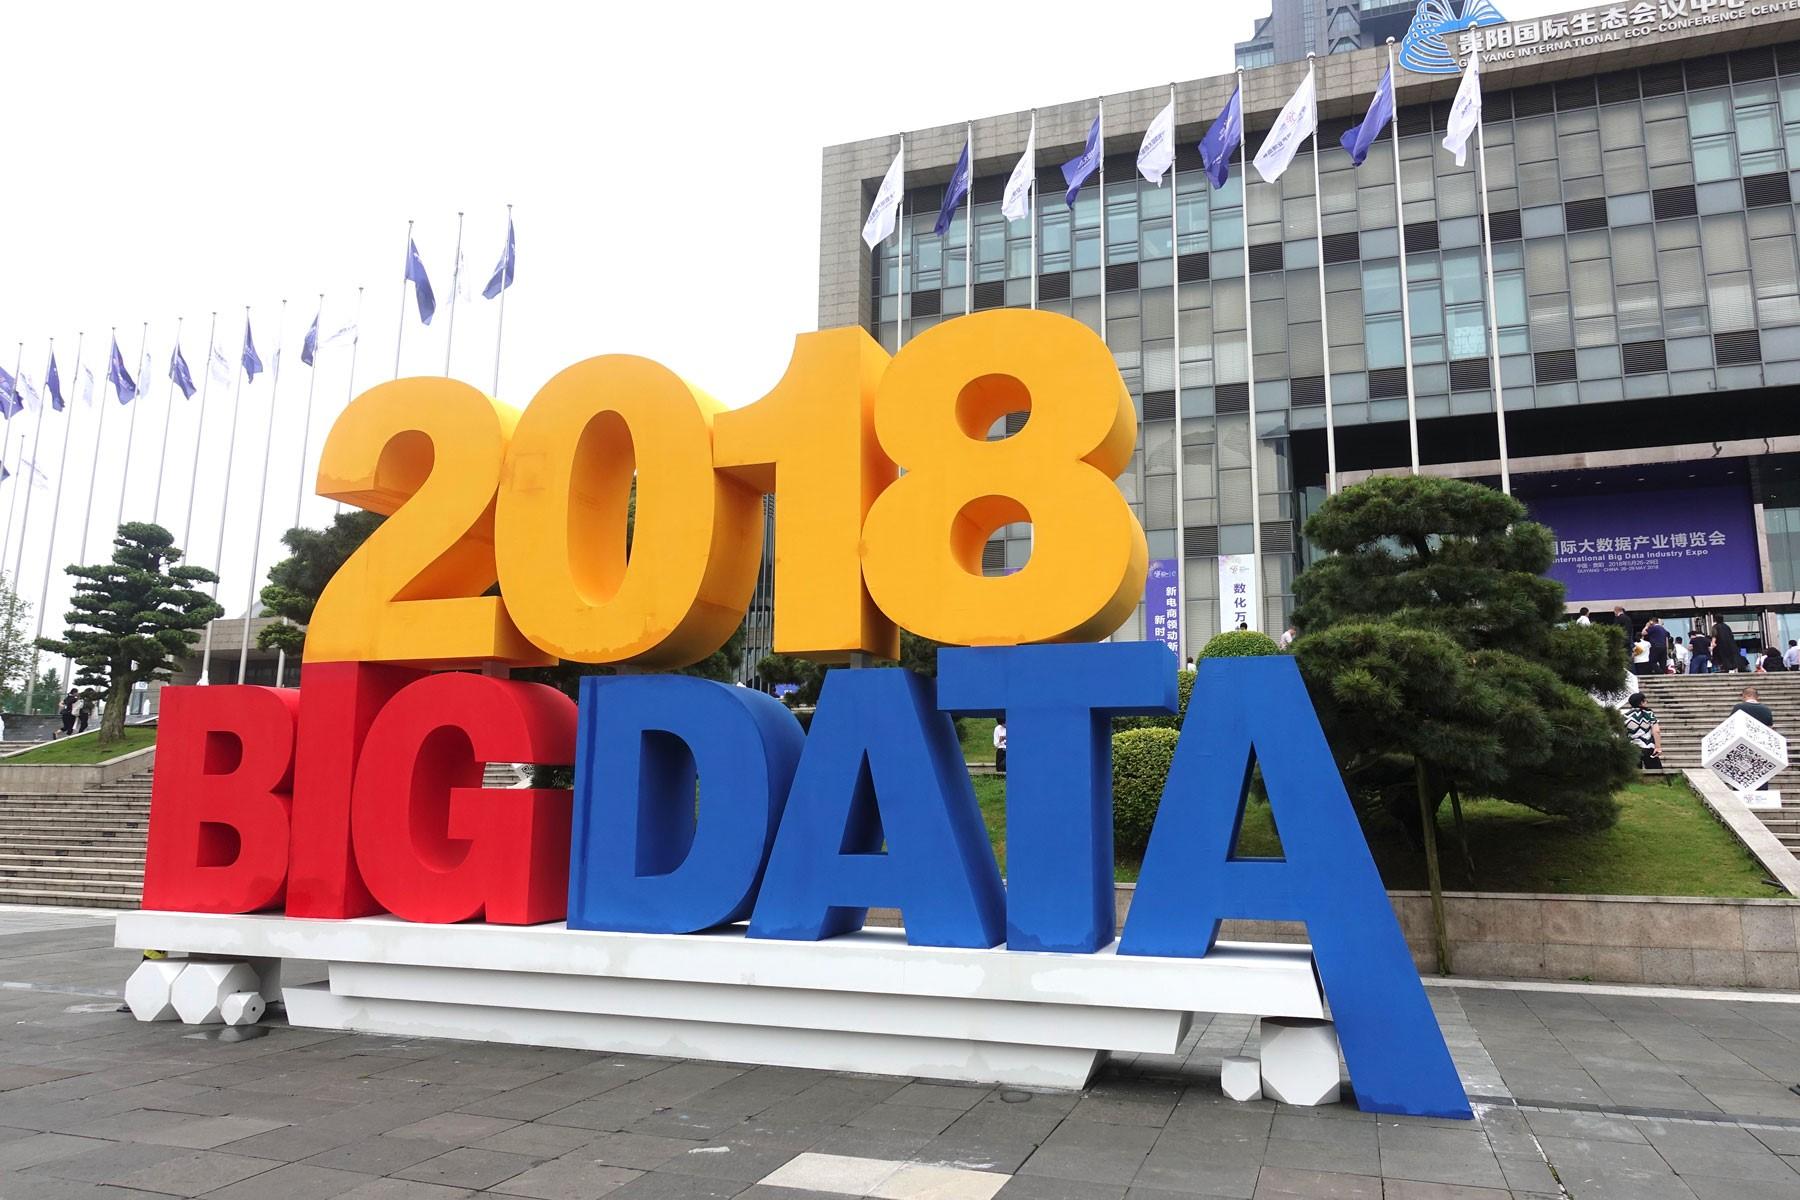 """【壮阔东方潮·奋进新时代】2018数博会""""城市数字引擎""""正式启动 开启城市发展新阶段"""